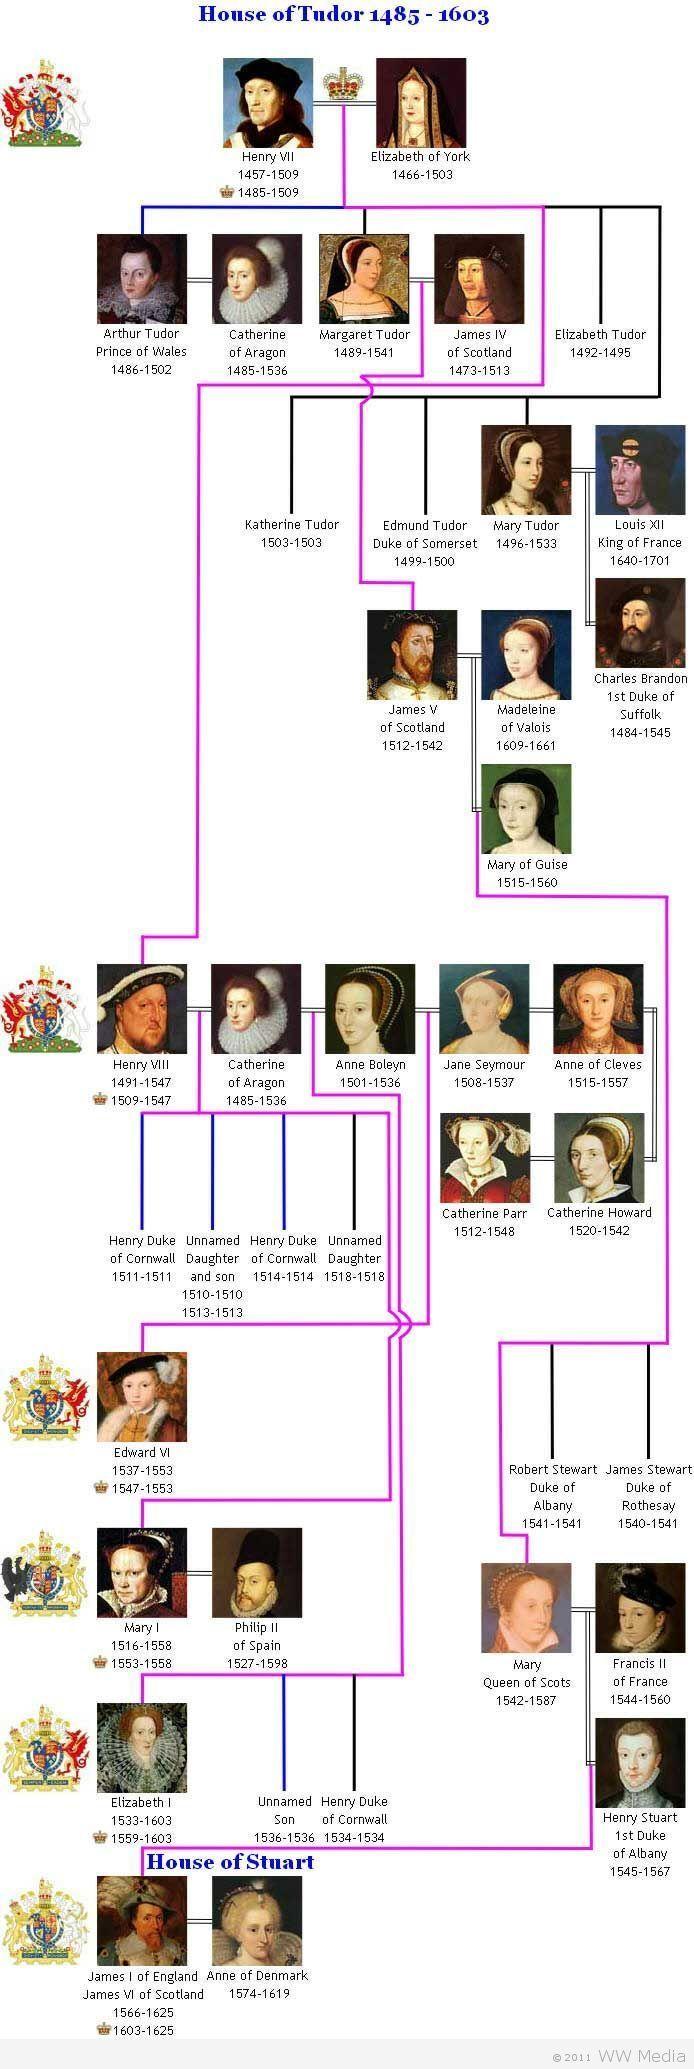 Histoire De La Famille Royale D Angleterre : histoire, famille, royale, angleterre, House, Tudor, Family, British, Royal, Tree,, Trees,, Histoire, Anglaise,, Tudors,, Arbre, Généalogique